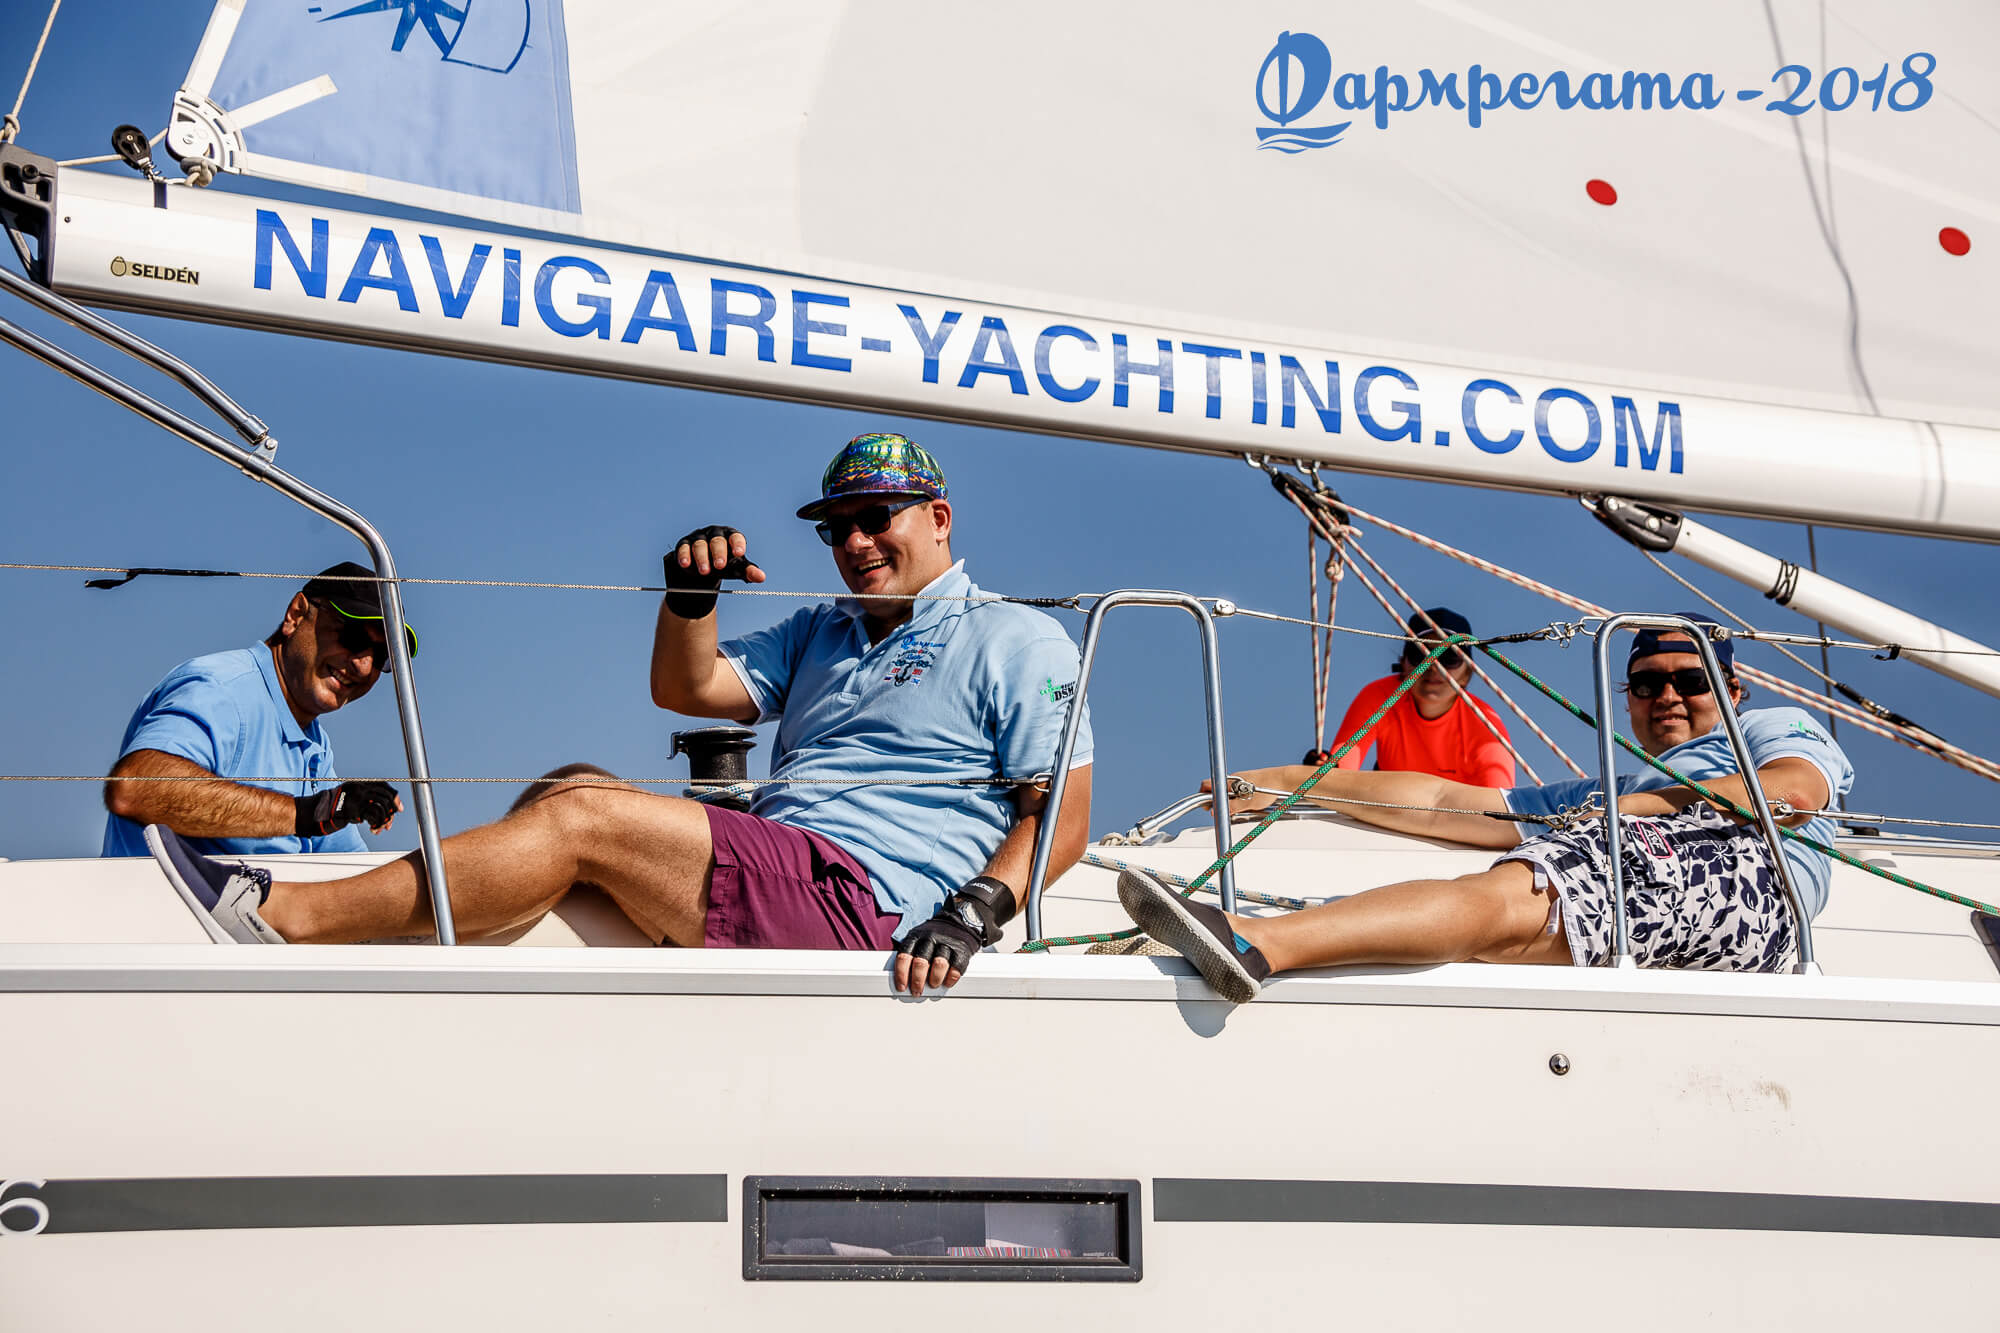 На борту яхты - Участники регаты - ДСМ групп Фармрегата 2018 - DSM Group Pharmregata 2018